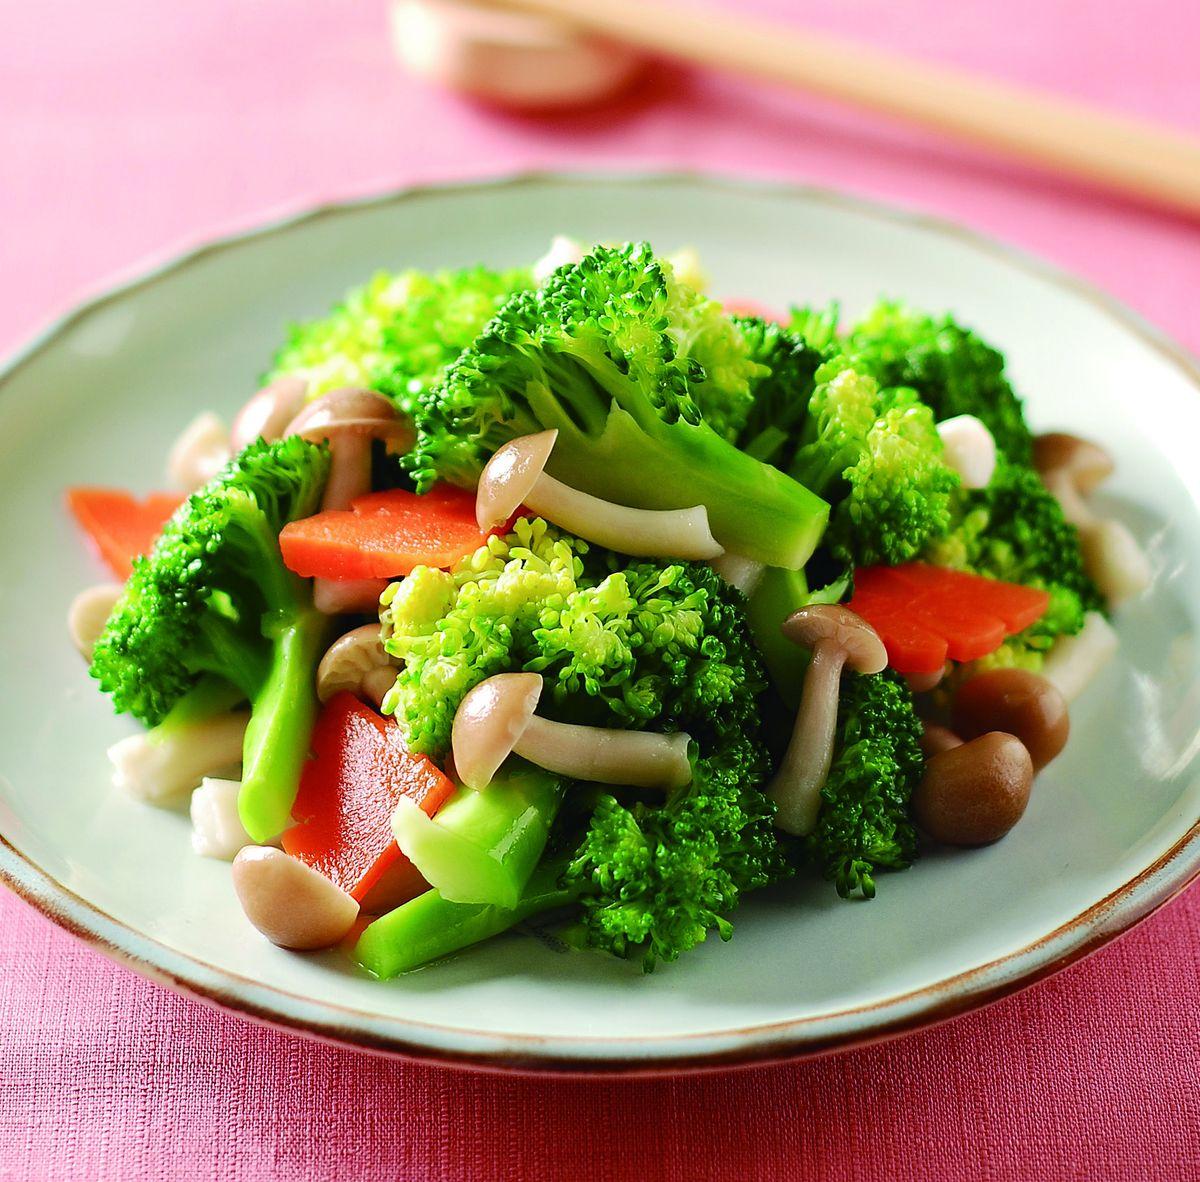 食譜:鴻喜菇拌青花椰